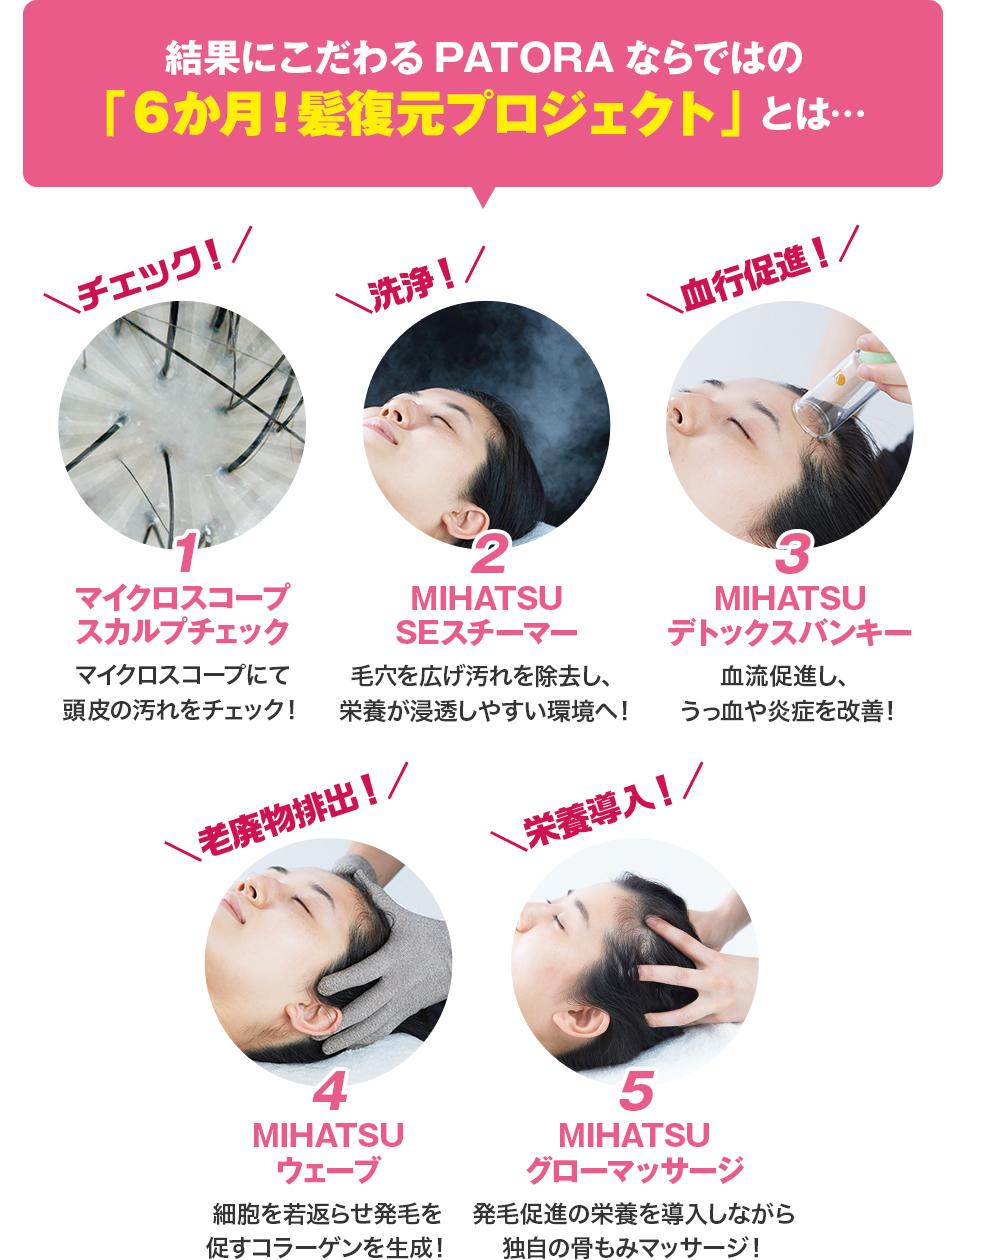 6か月!髪復元プロジェクト